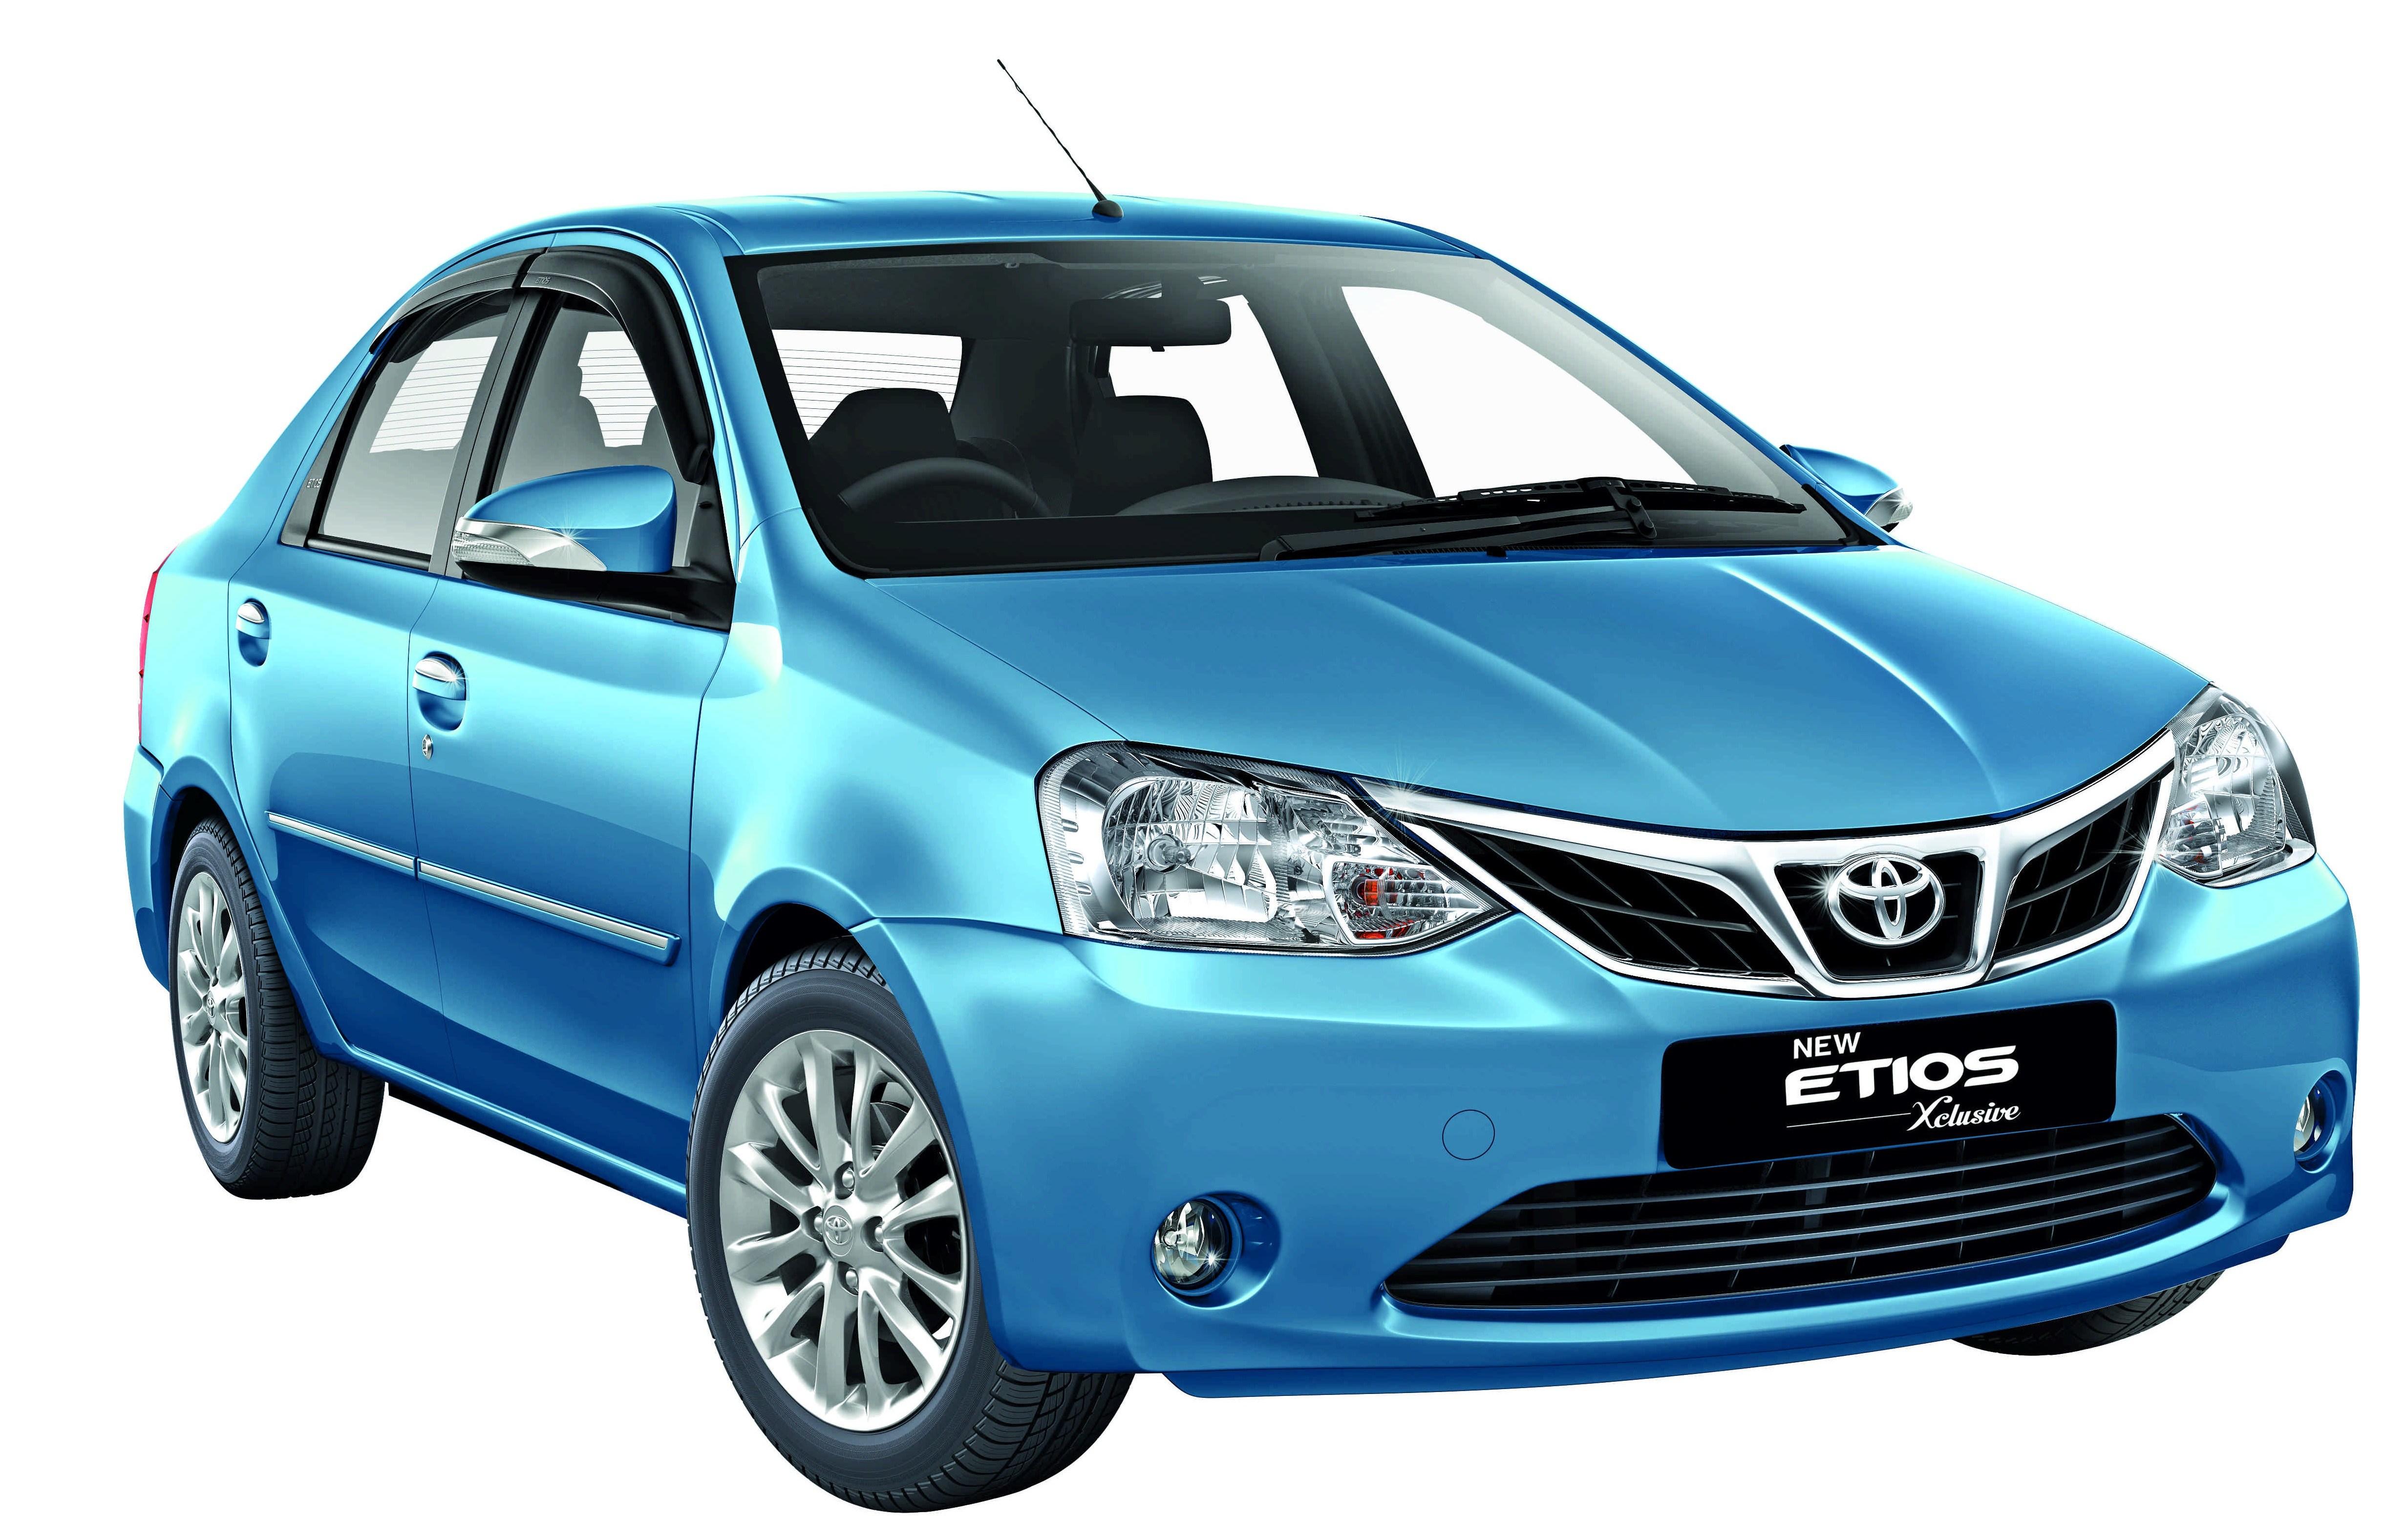 Toyota-Etios-Xclusive-Edtion-2015 (2)